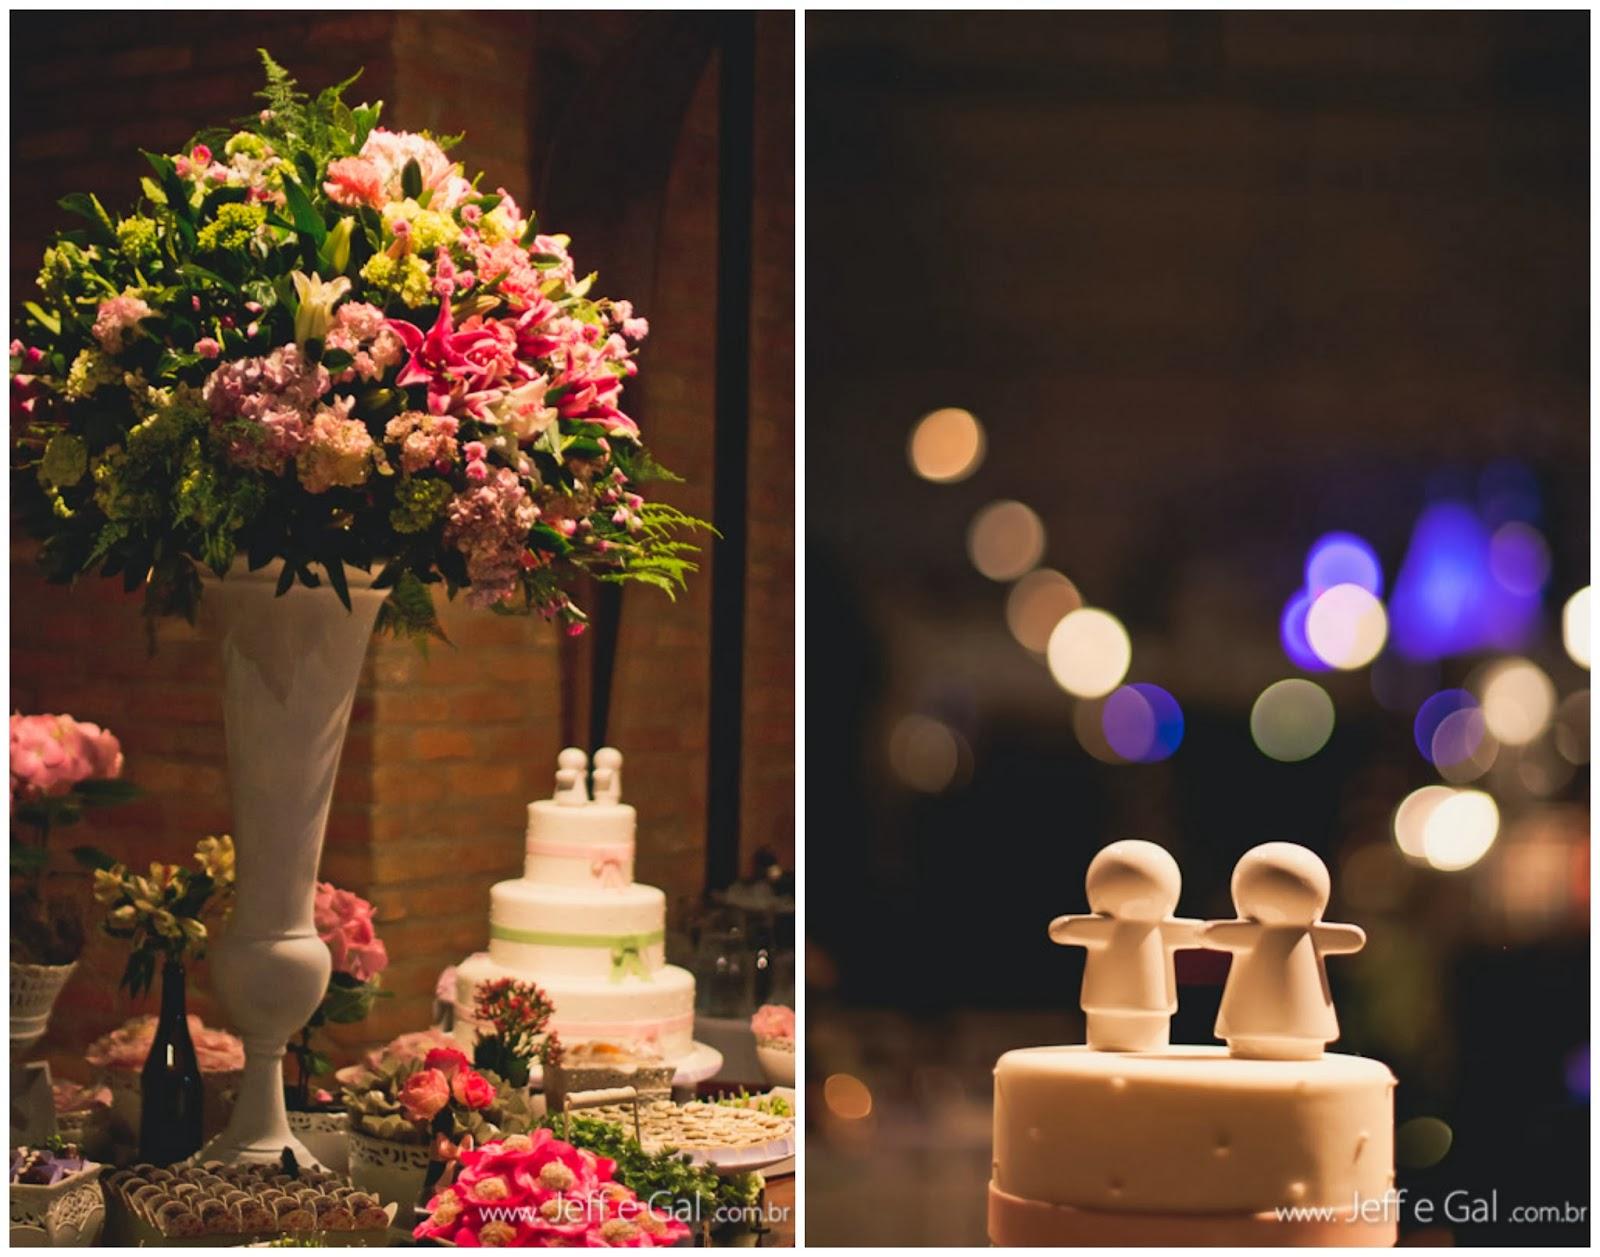 Casamento topo de bolo